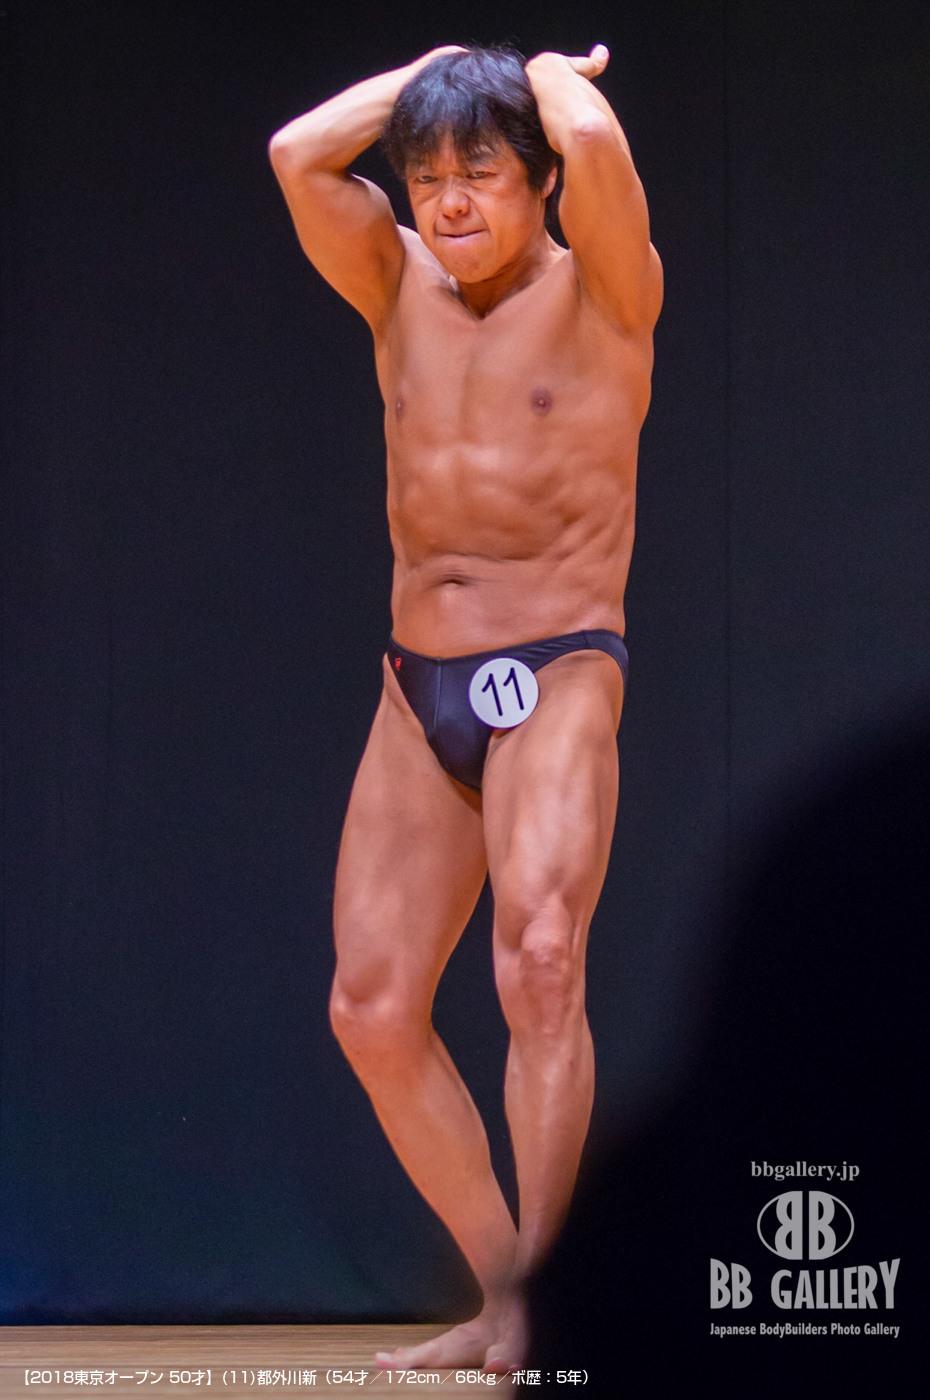 【2018東京オープン 50才】(11)都外川新(54才/172cm/66kg/ボ歴:5年)